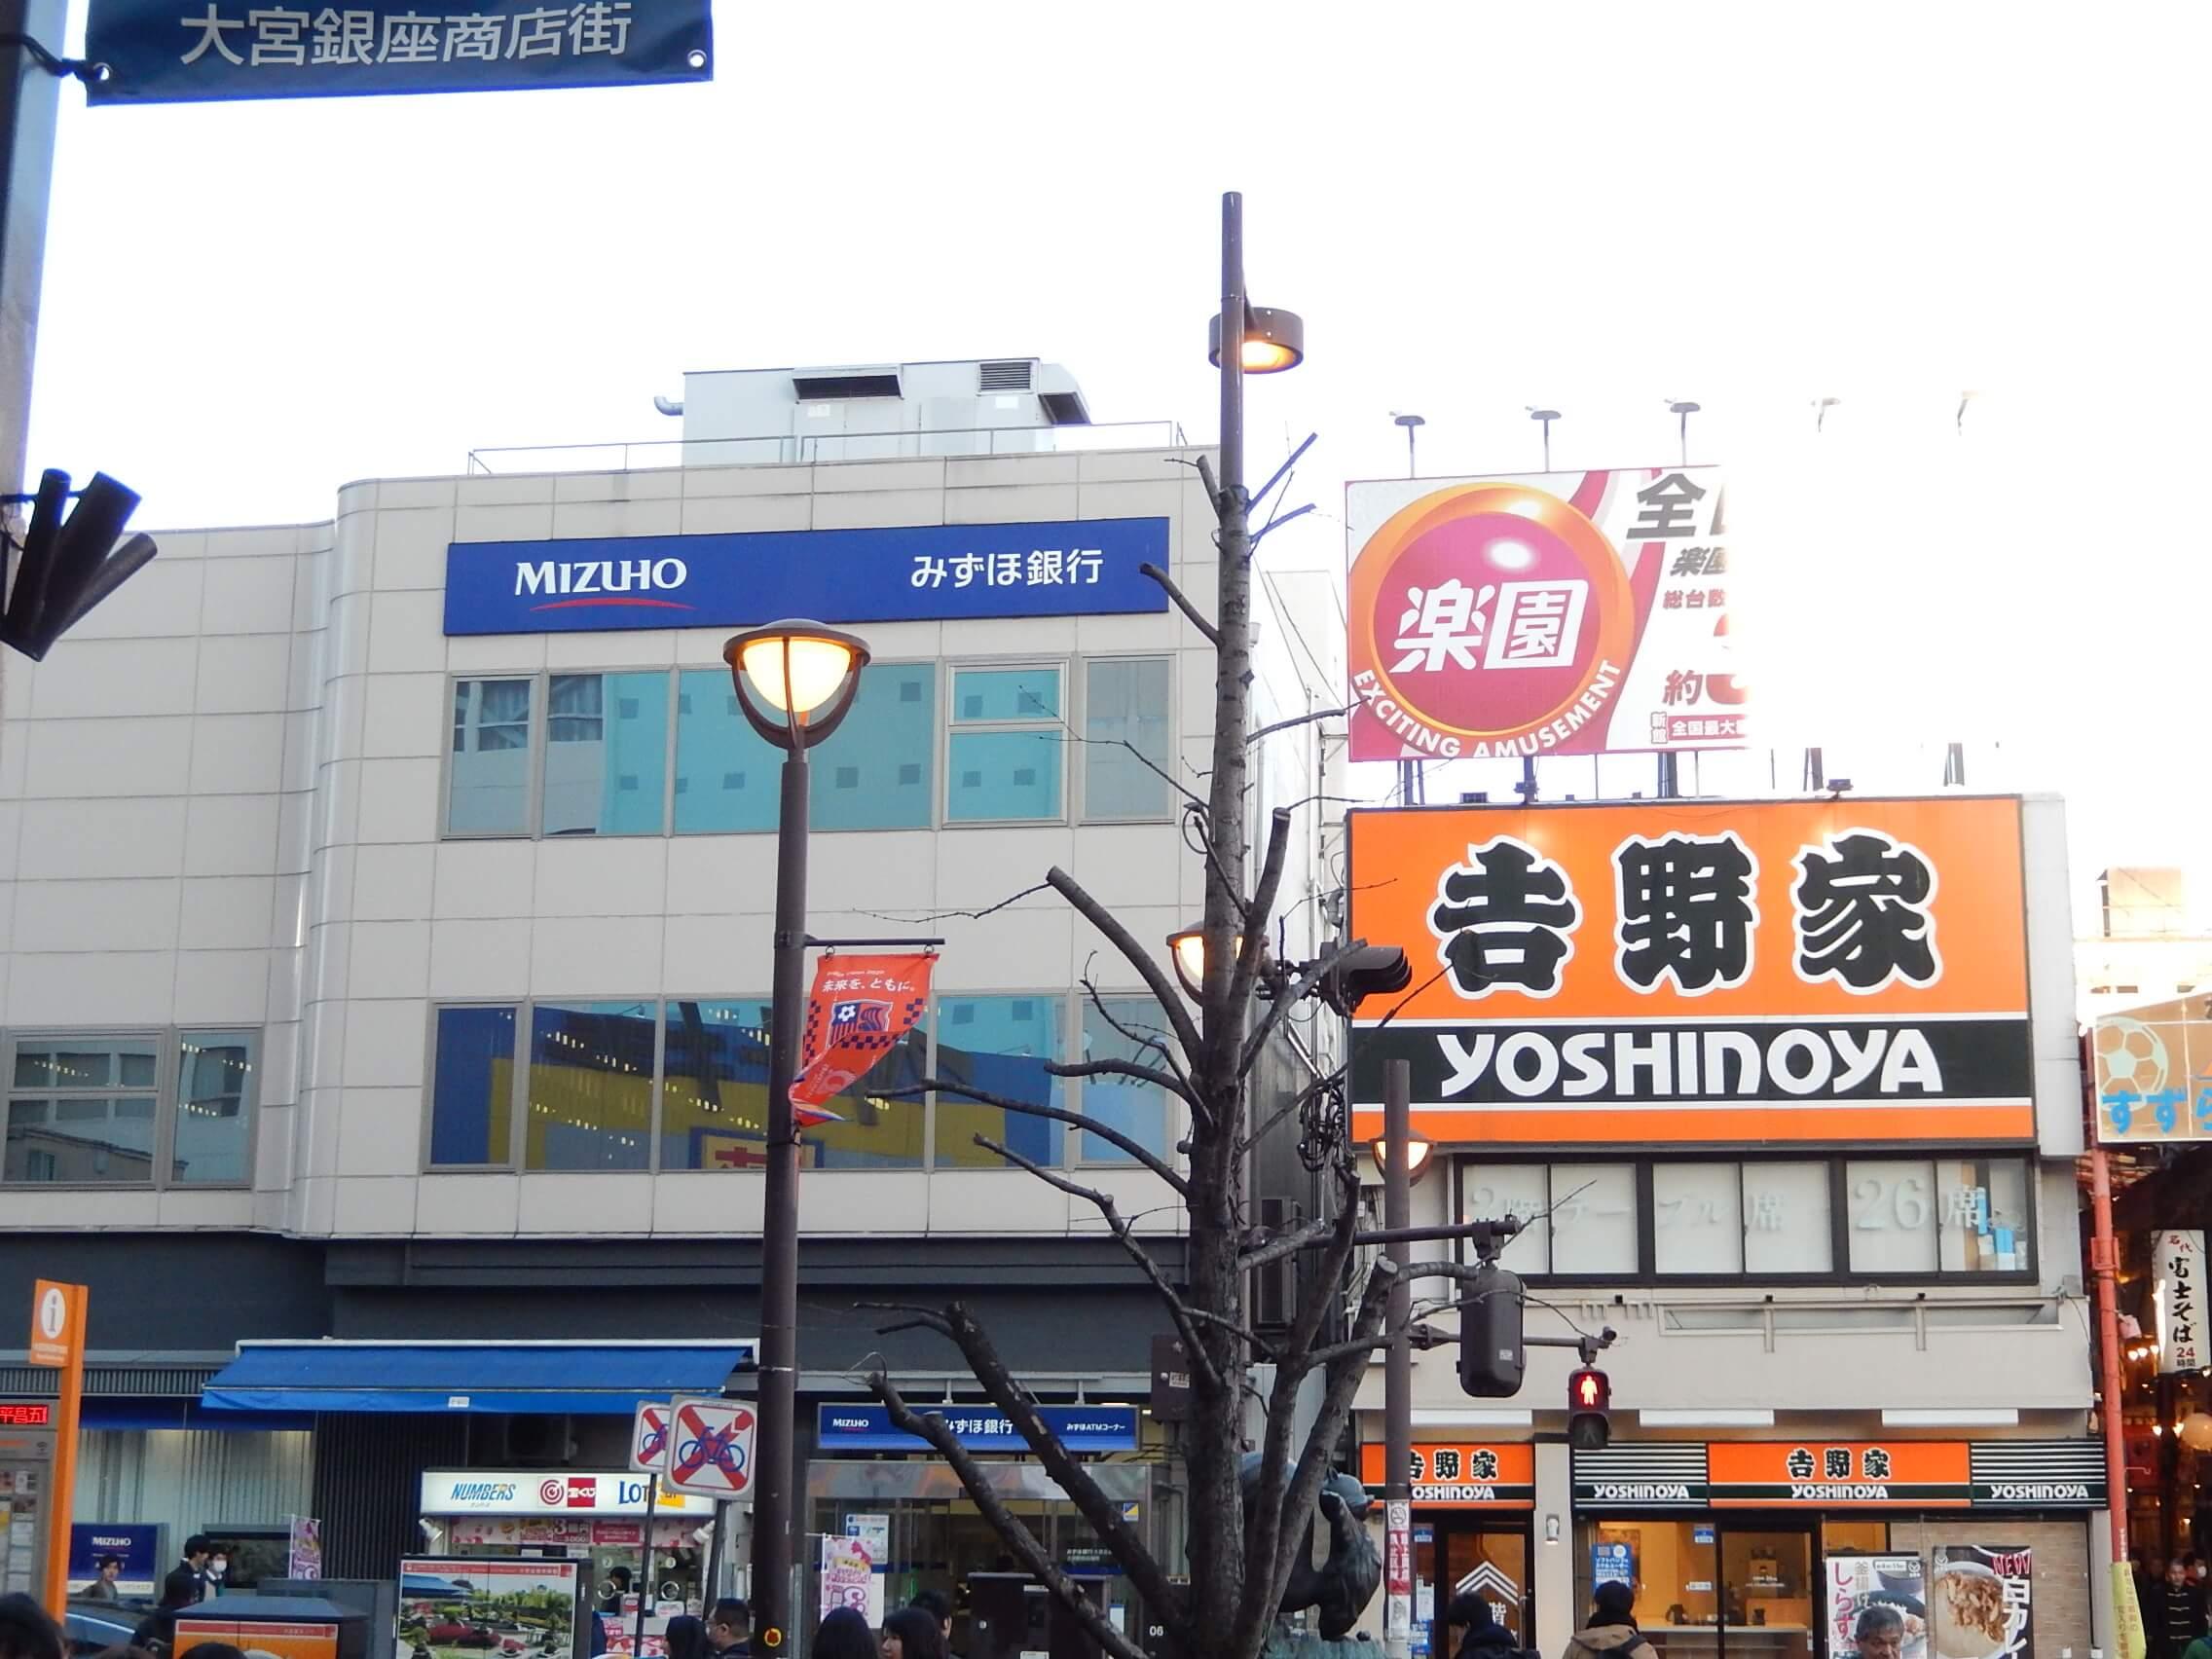 JR大宮駅東口駅前・吉野家&みずほ銀行前